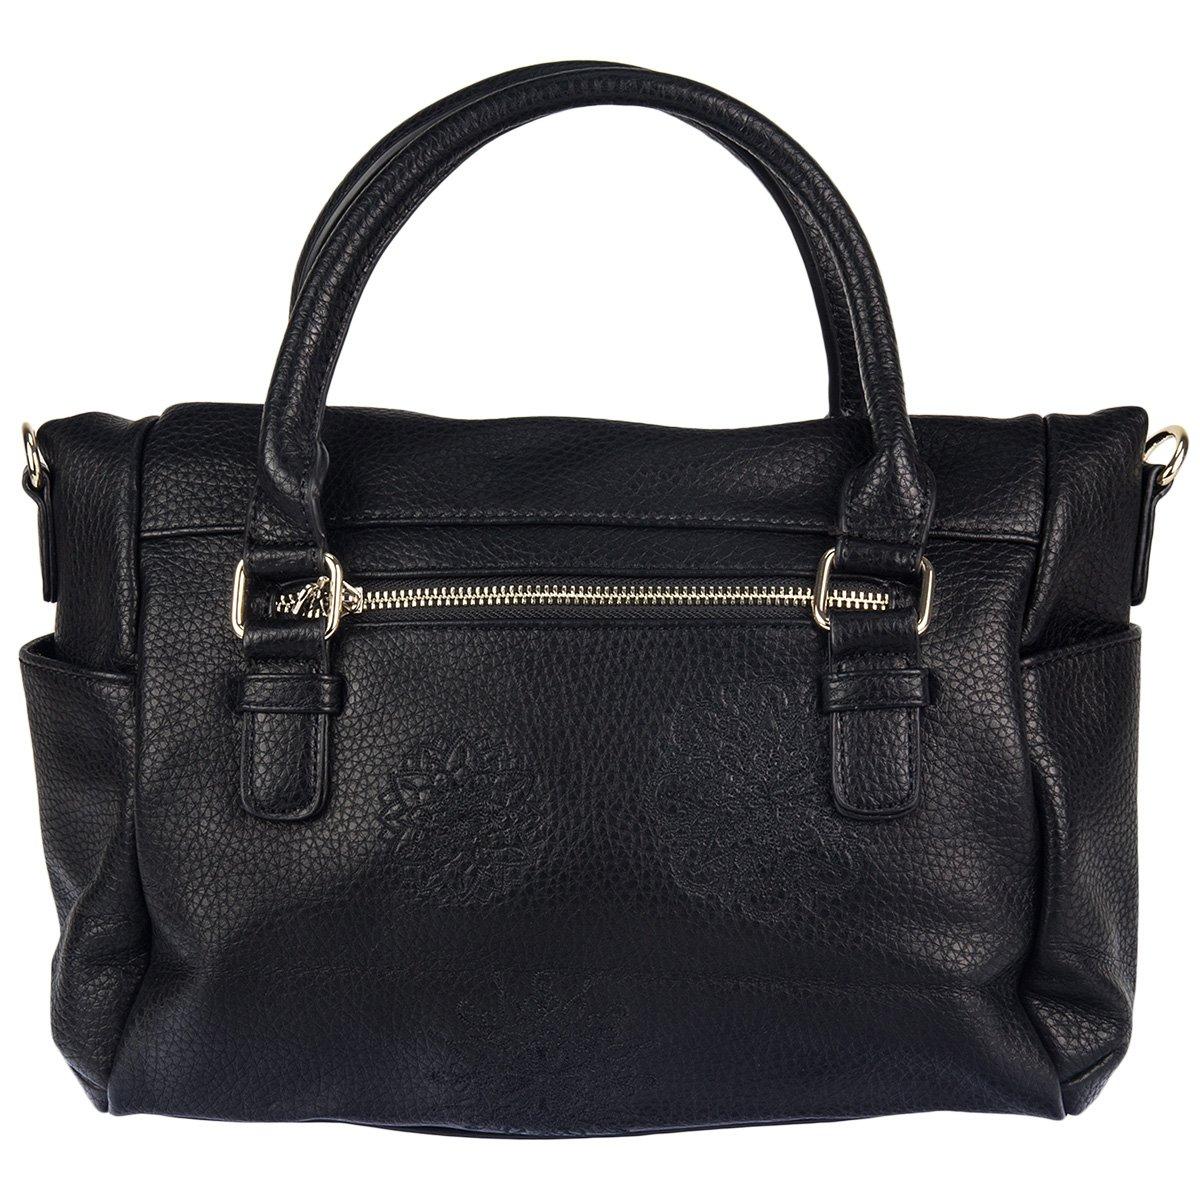 Bols Loverty Alex Vanille Damen Handtasche Umhänge Tasche Schultertasche Umhängetasche 72X9ER3/6018 Desigual x8wU08U5